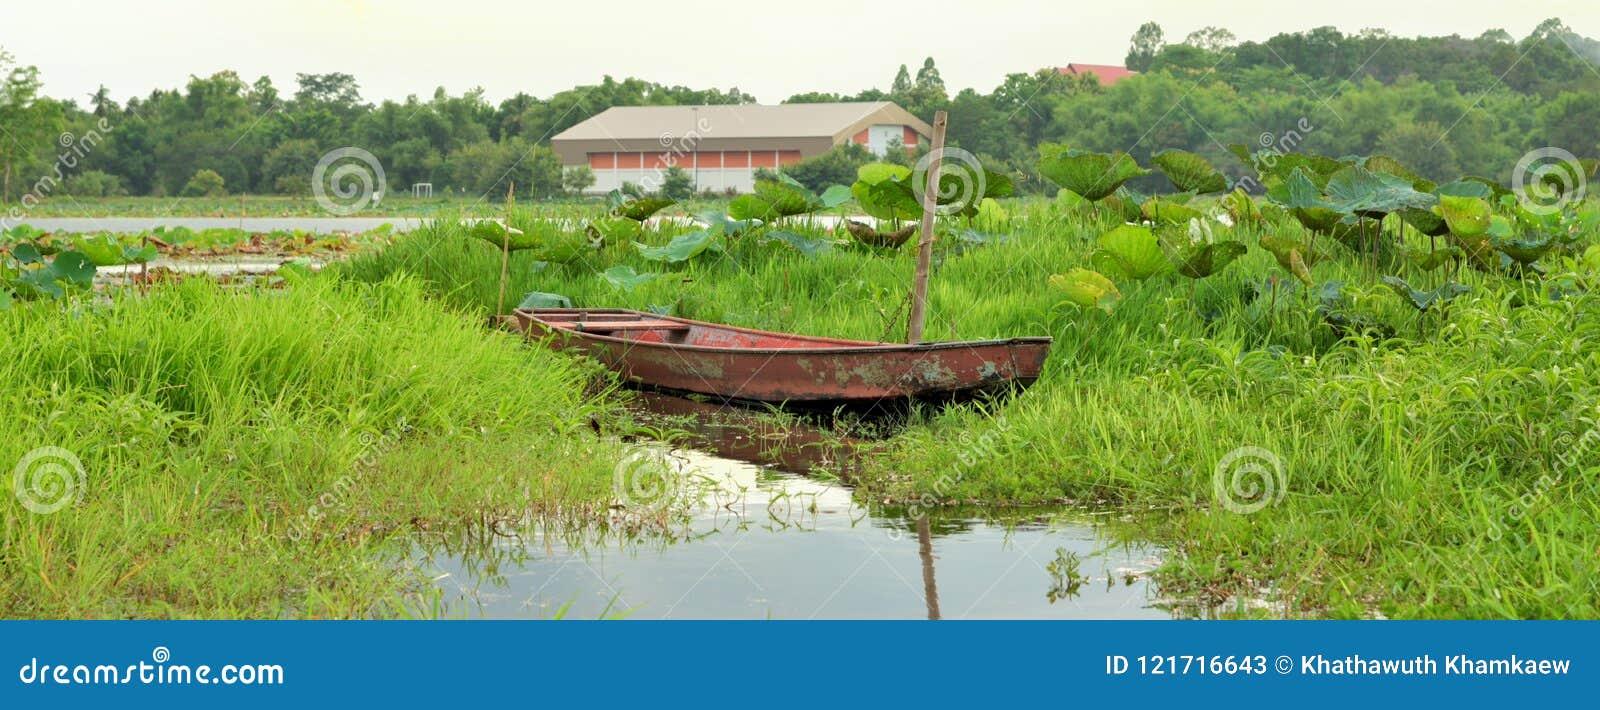 Fiskebåt på floden i Thailand, trans.